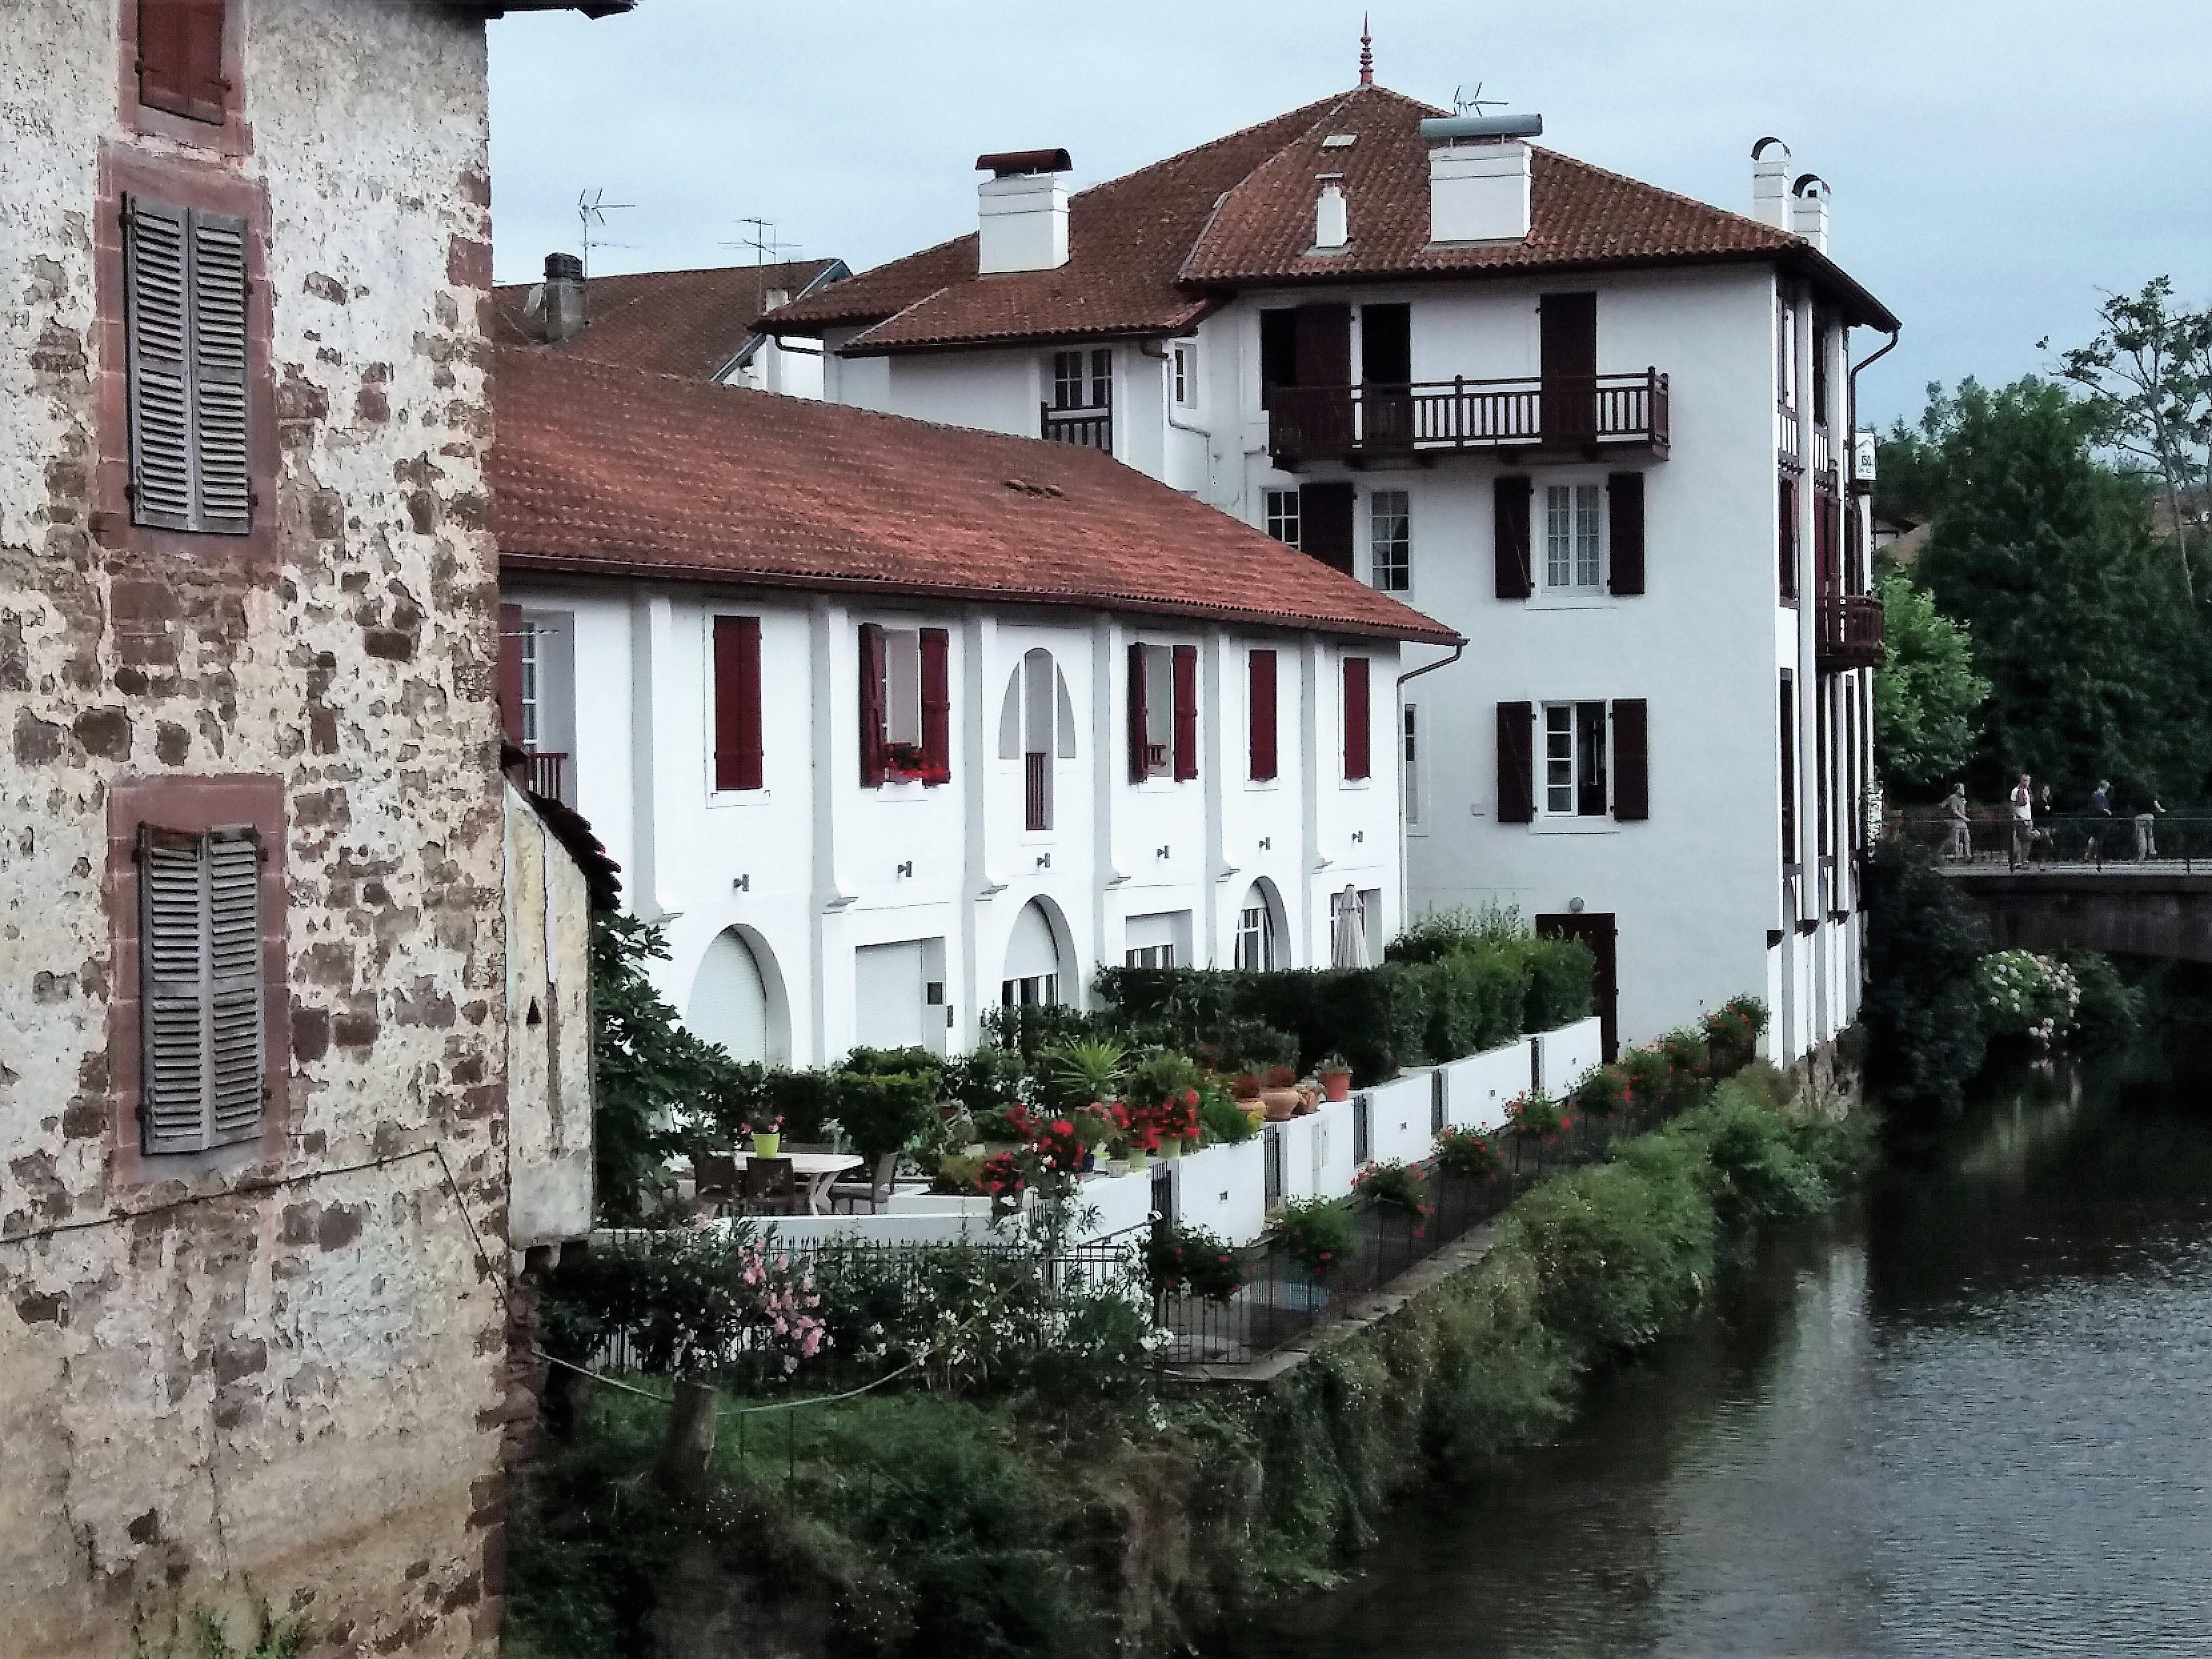 Saint_jean_Pied_De_Port_pays_basque